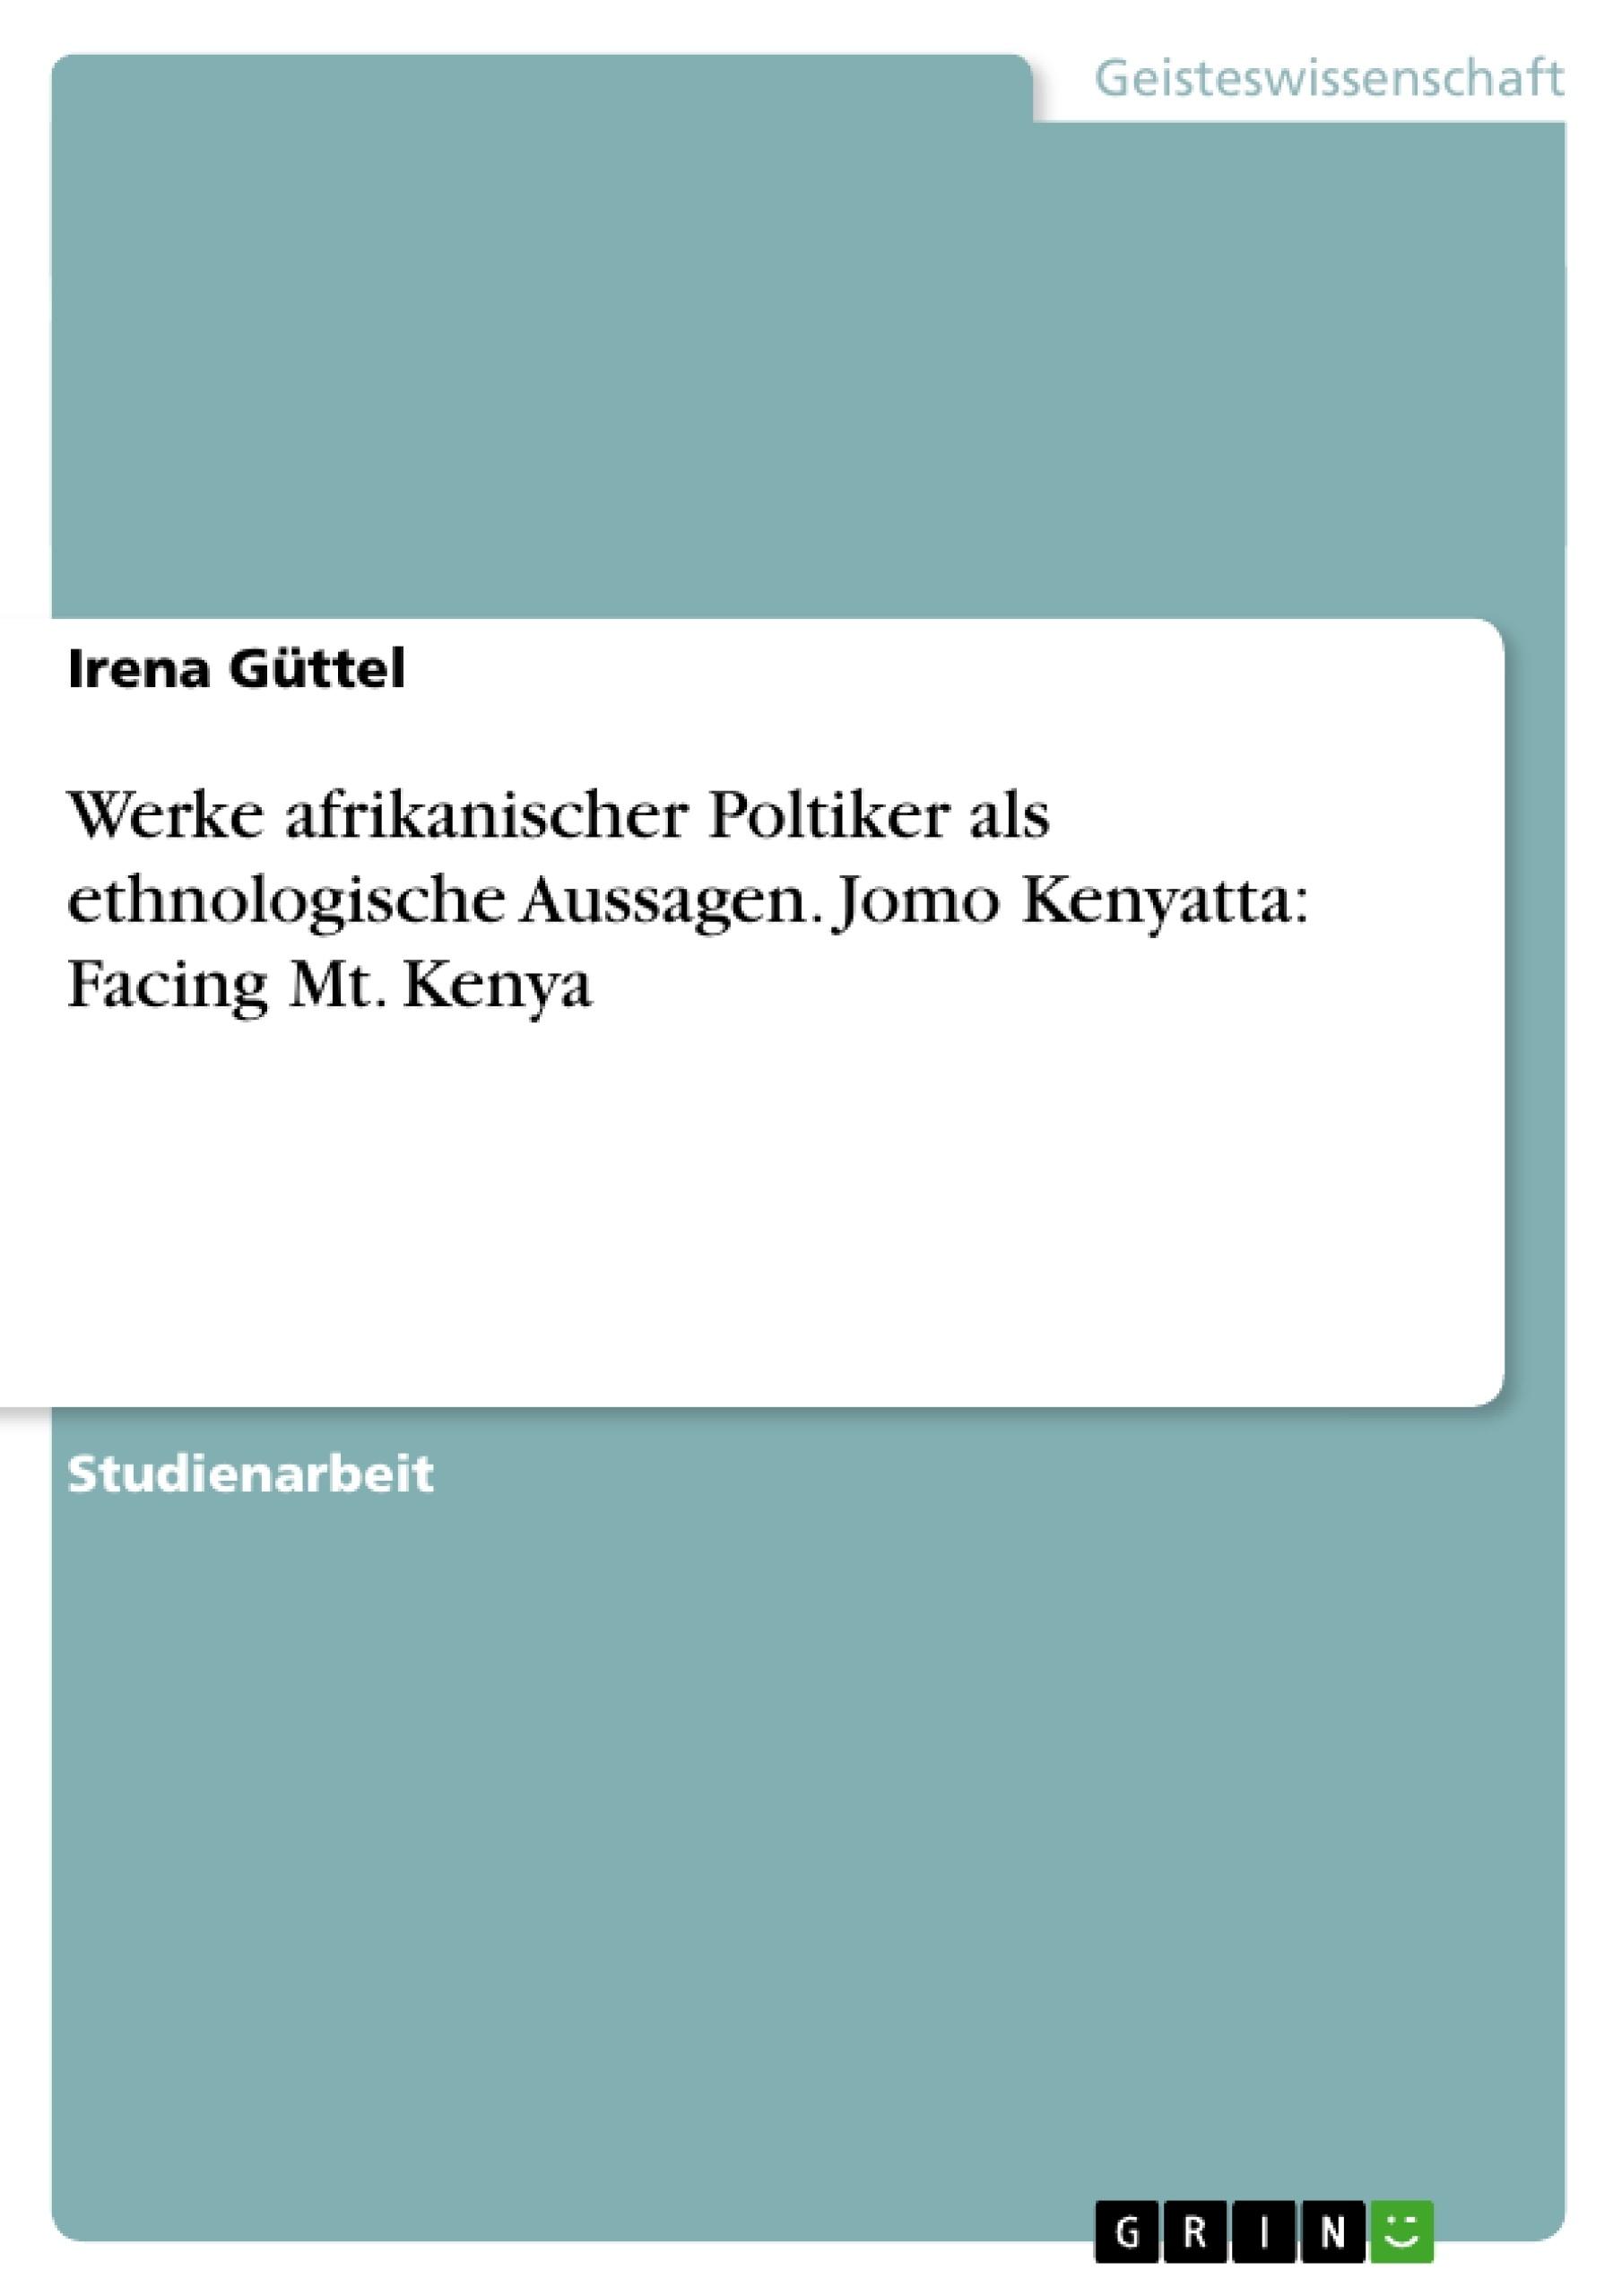 Titel: Werke afrikanischer Poltiker als ethnologische Aussagen. Jomo Kenyatta: Facing Mt. Kenya